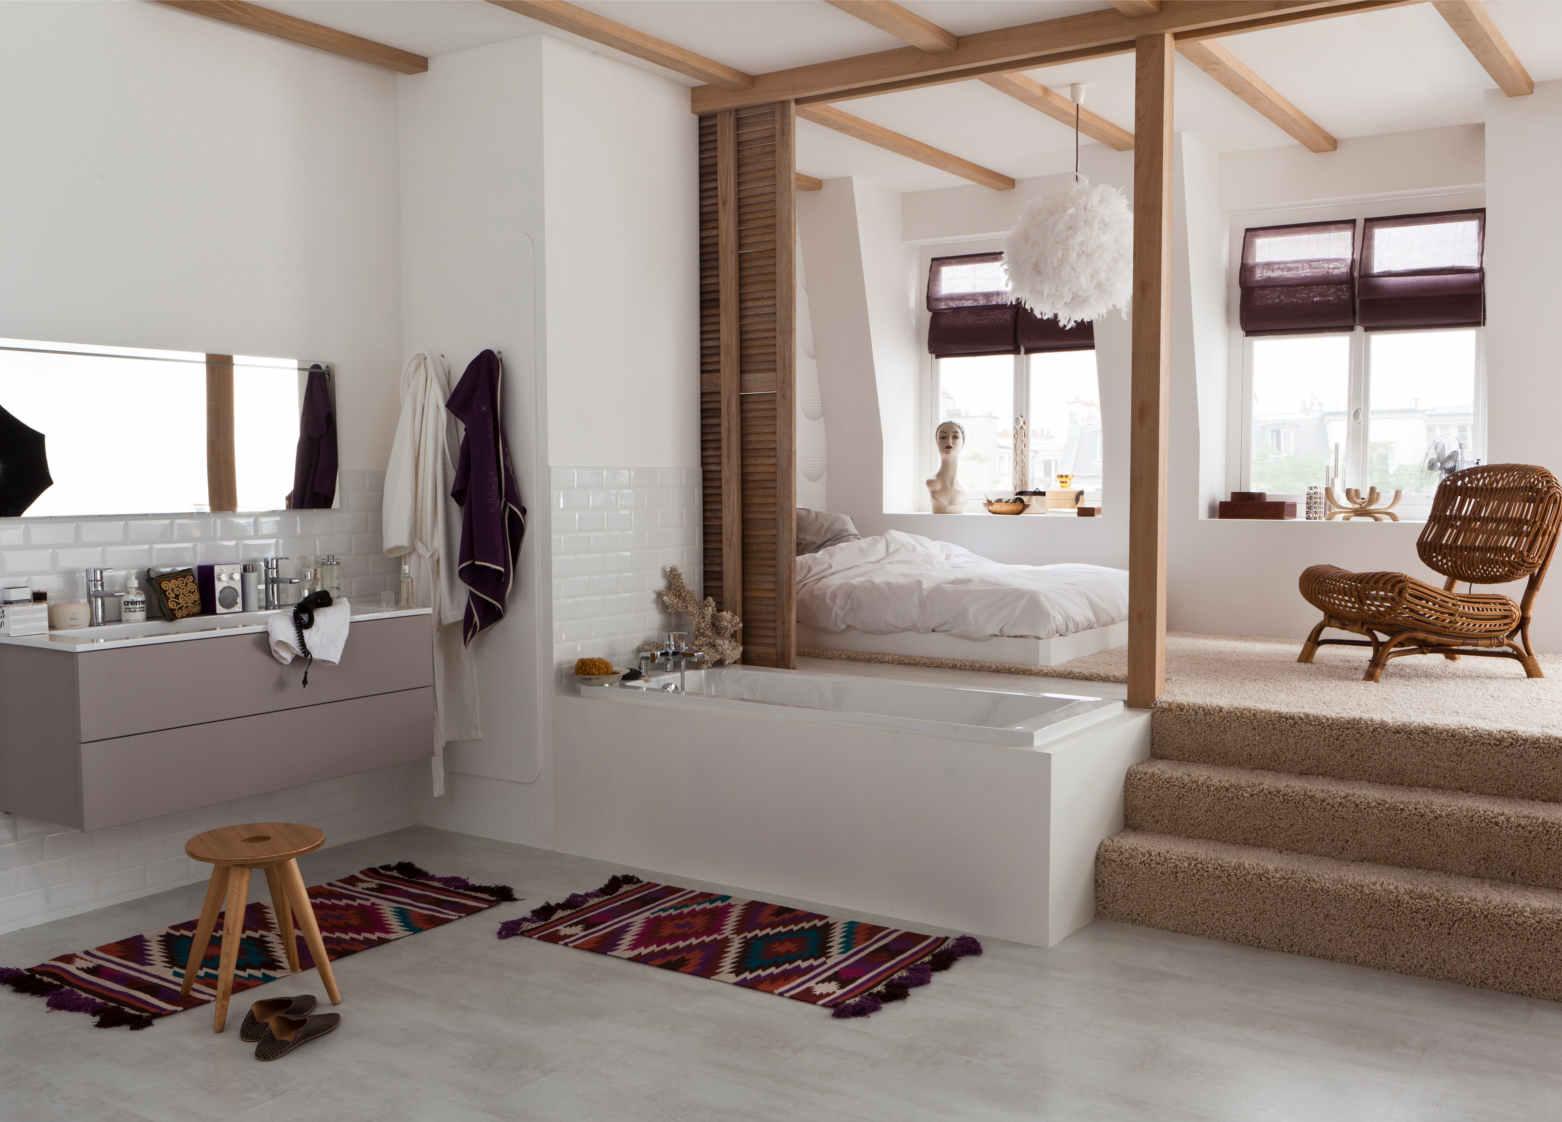 astuce pour separer une chambre en 2. elegant deux espaces dans une